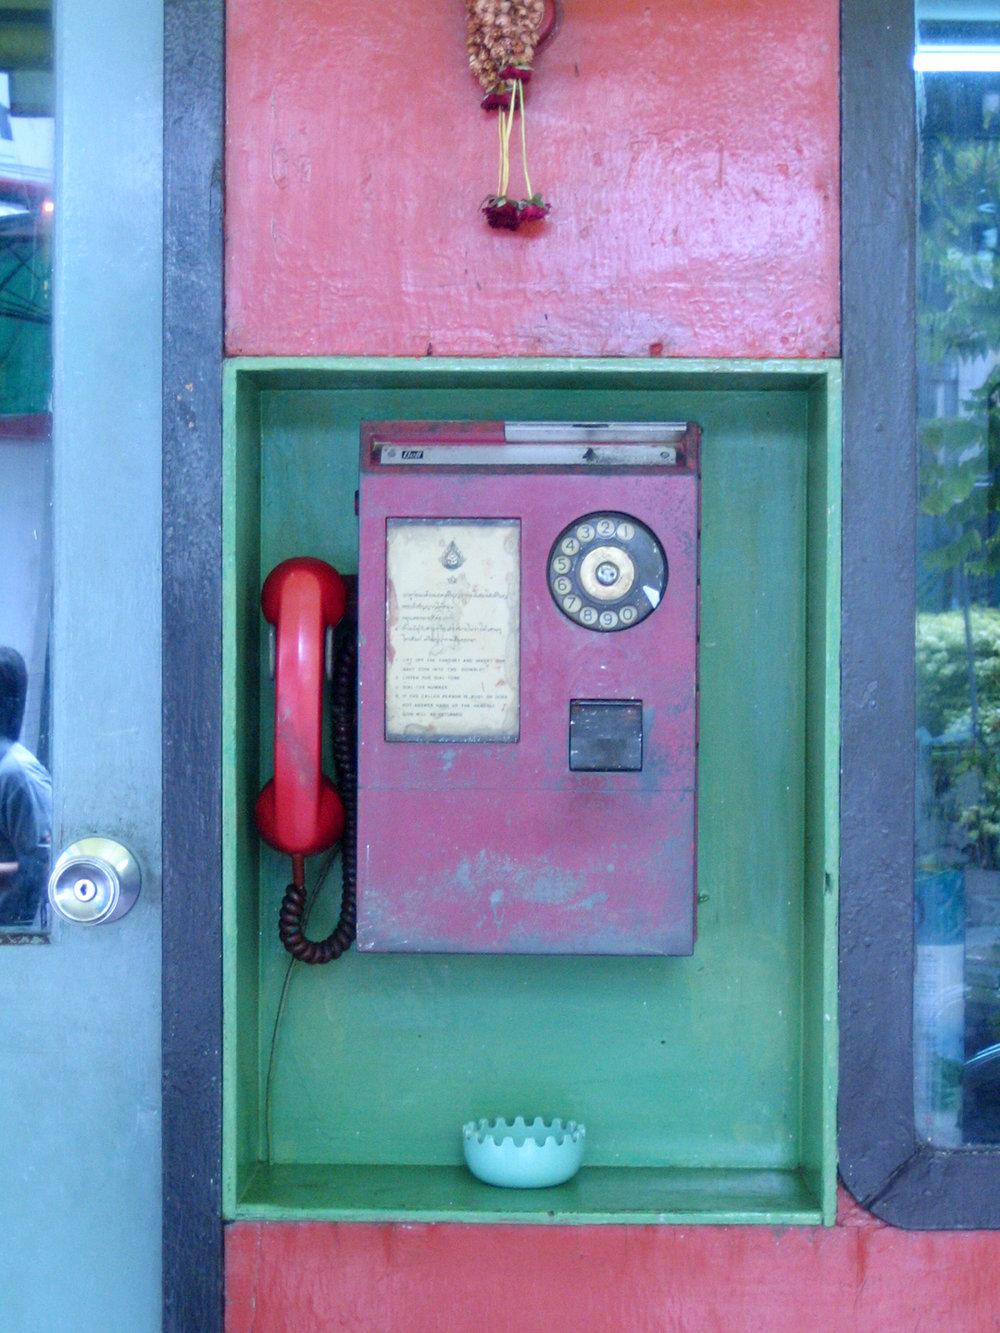 TelephoneBoothThai.jpg